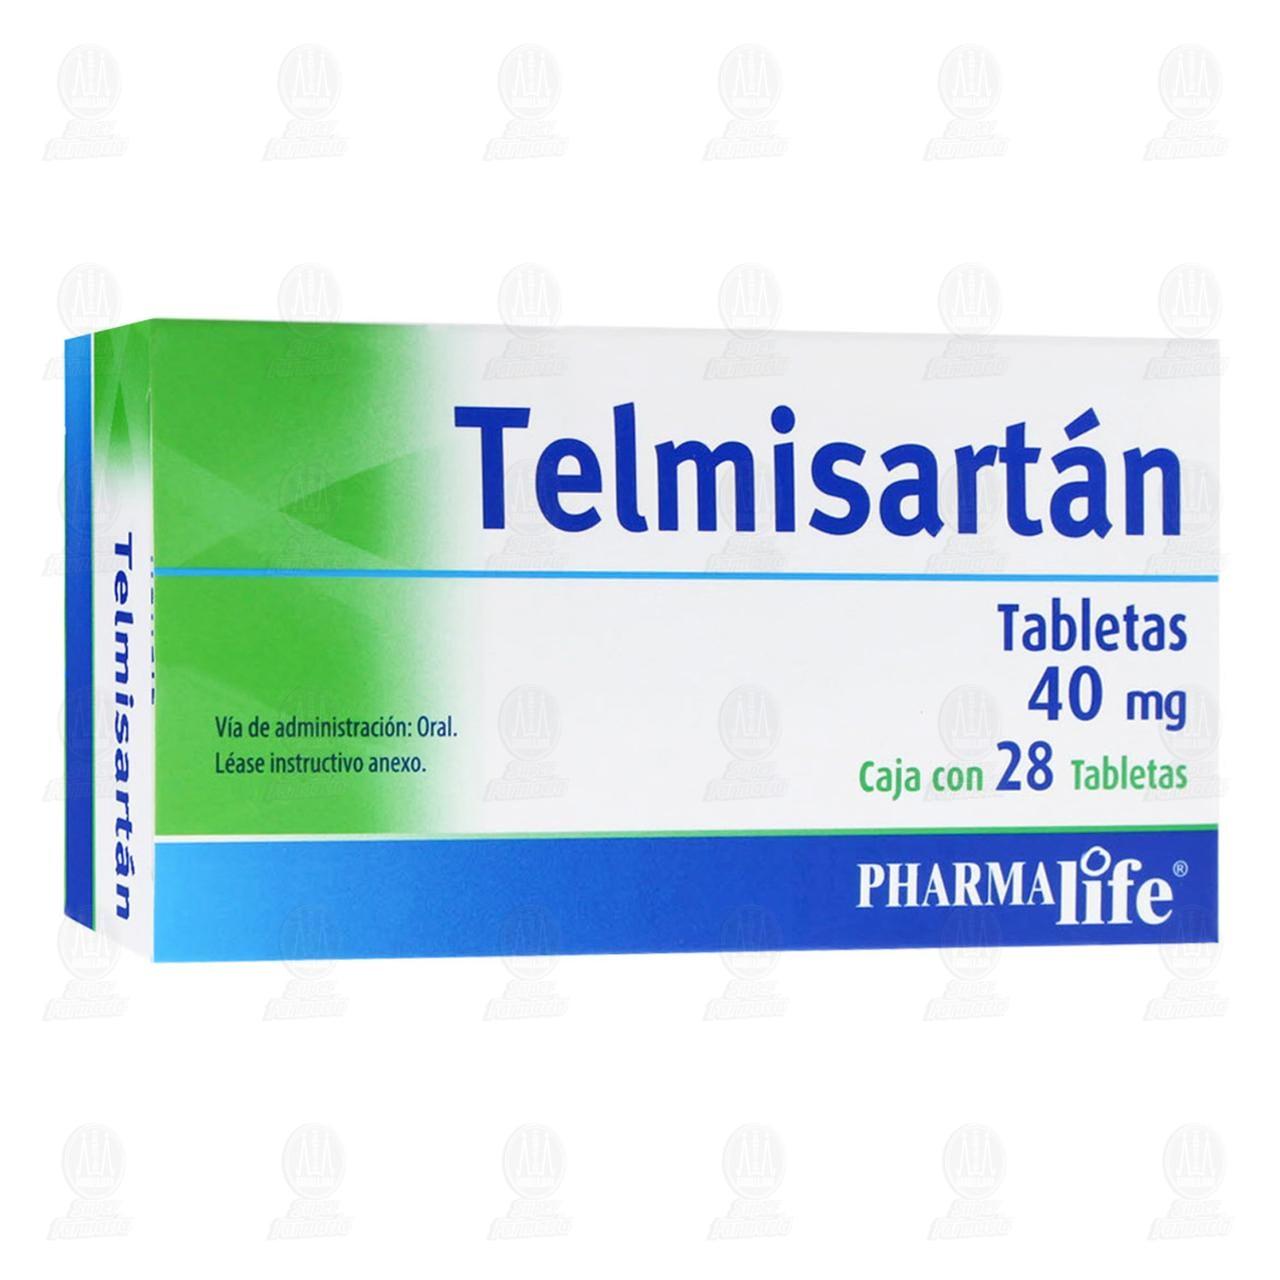 Telmisartán 40mg 28 Tabletas Pharmalife